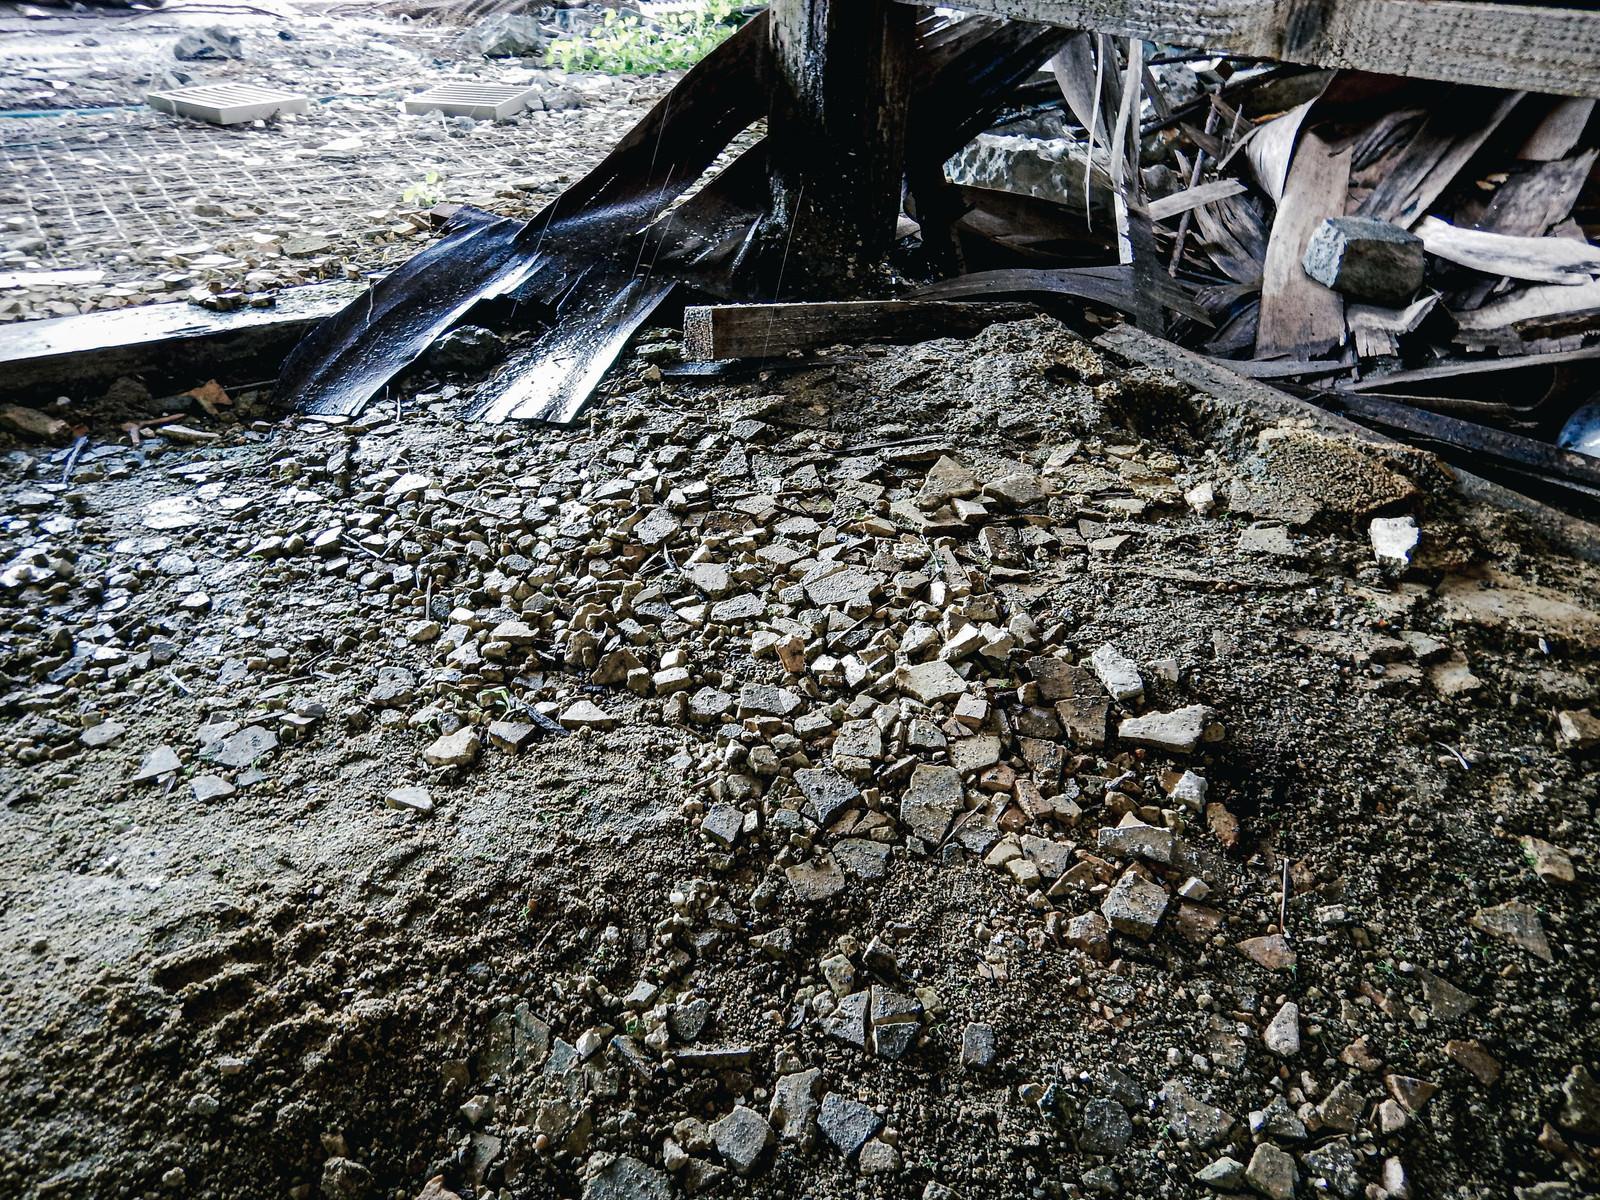 「剥がれて散らばる床下コンクリート」の写真